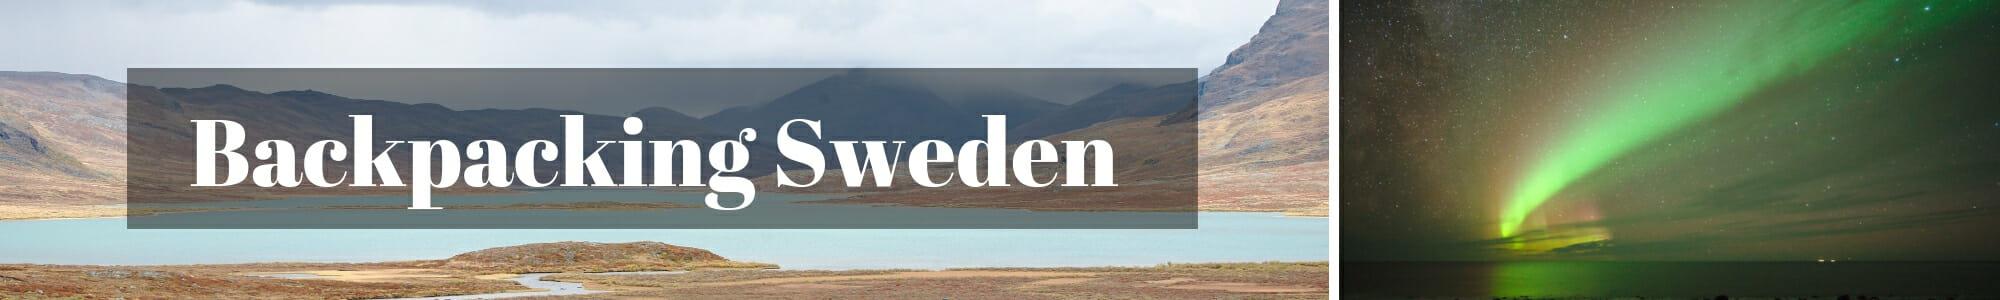 backpacking sweden